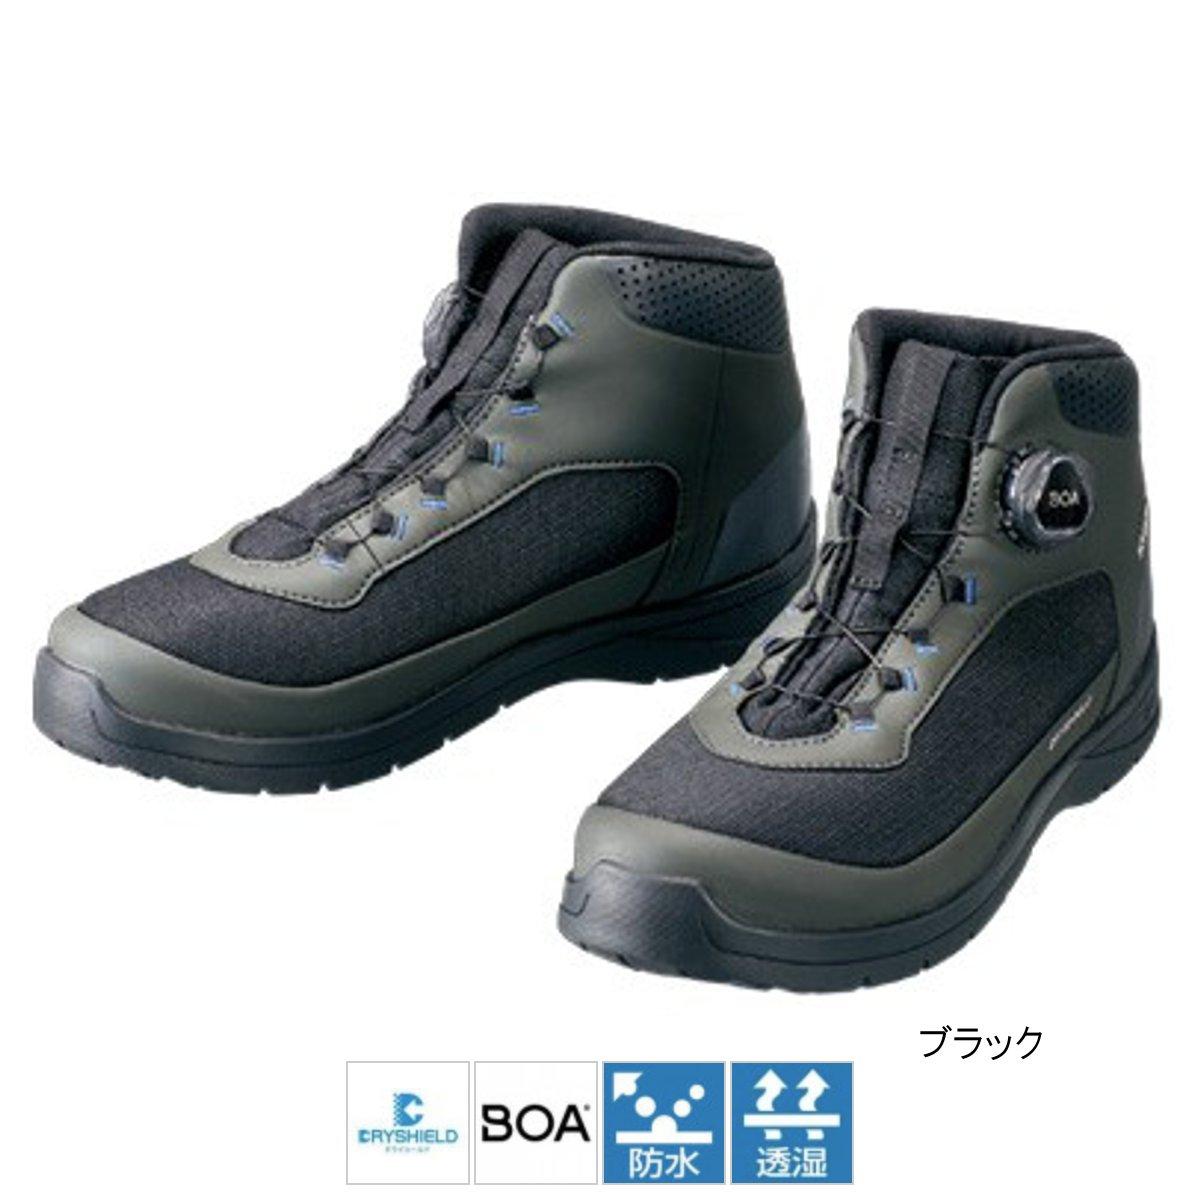 シマノ ドライシールド・デッキラジアルフィットシューズ HW FS-082R 26.5cm ブラック